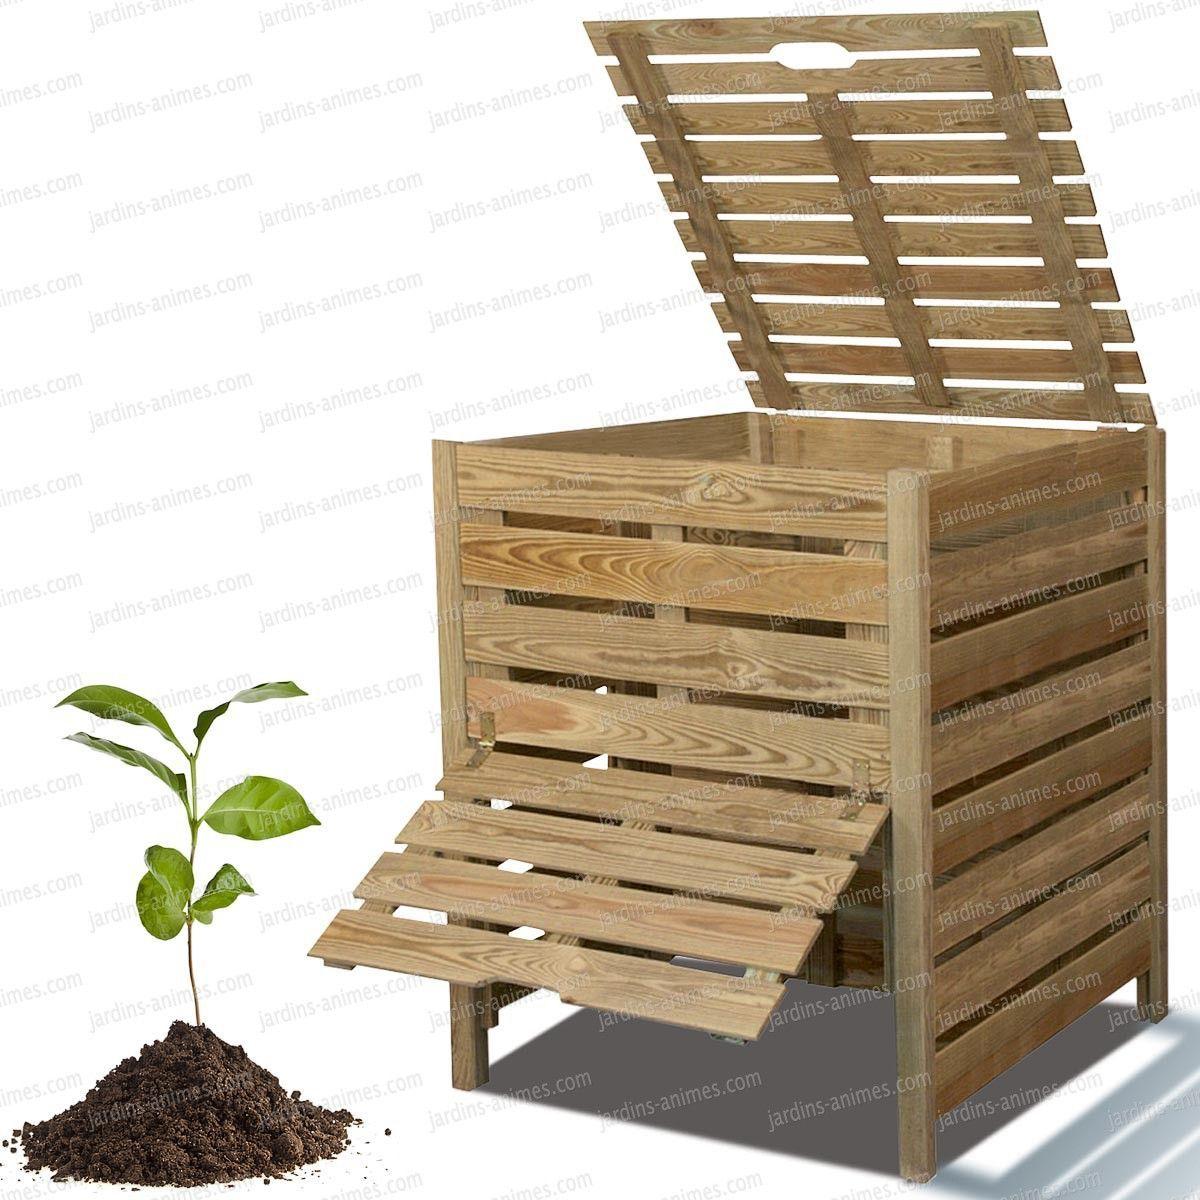 Un Bac À Compost En Bois. Indispensable Pour Recycler Et ... intérieur Composteur De Jardin